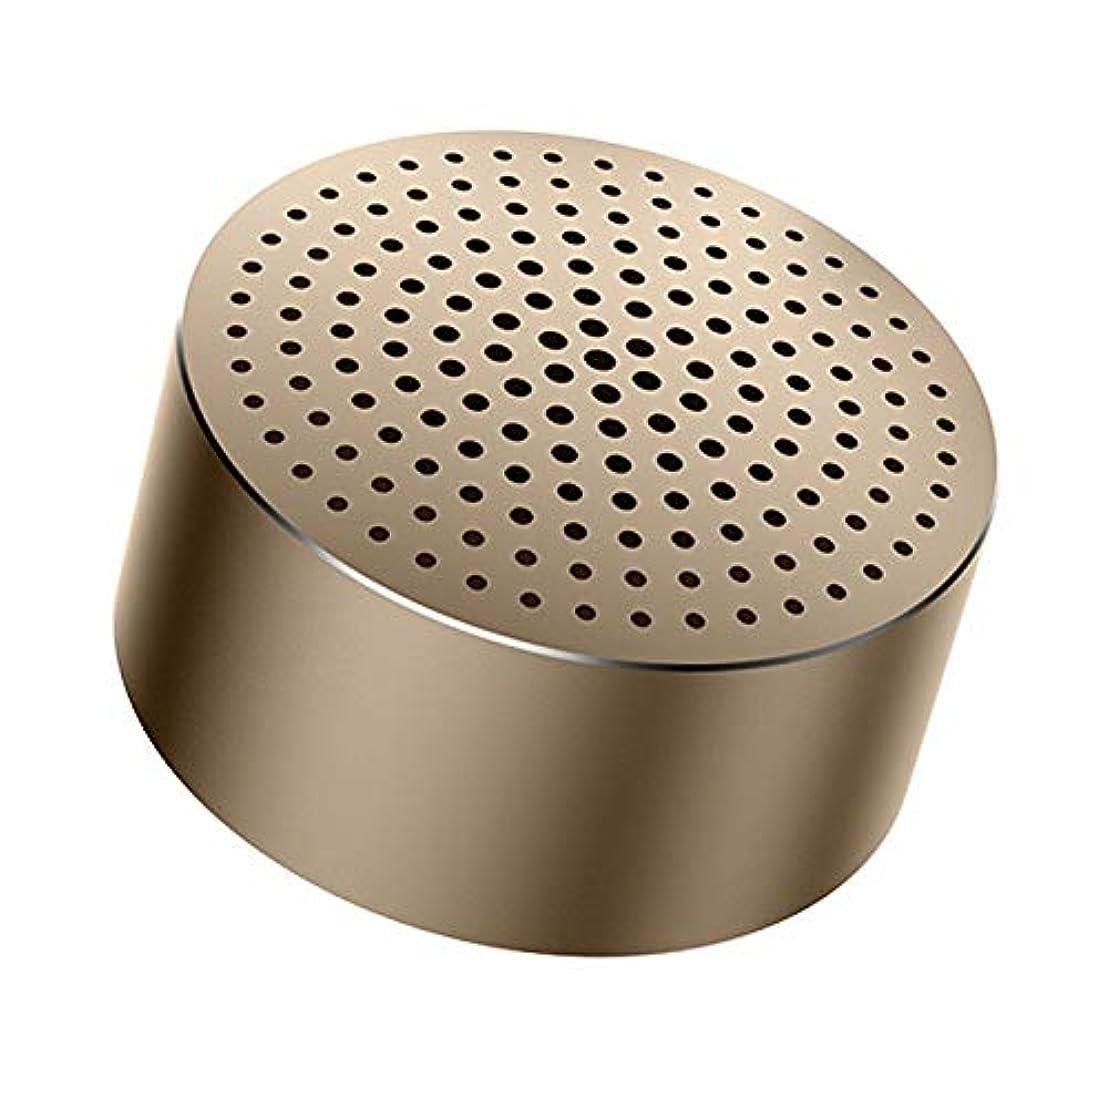 軽量美徳リマWANLU スマートスピーカー 防水 エコー エコードット スピーカー bluetooth ポータブル ミニ ワイヤレス Bluetoothスピーカー サブウーファー インテリジェントな音声制御 ポータブルBluetoothスピーカー防水 内蔵マイク/ (Color : Gold)